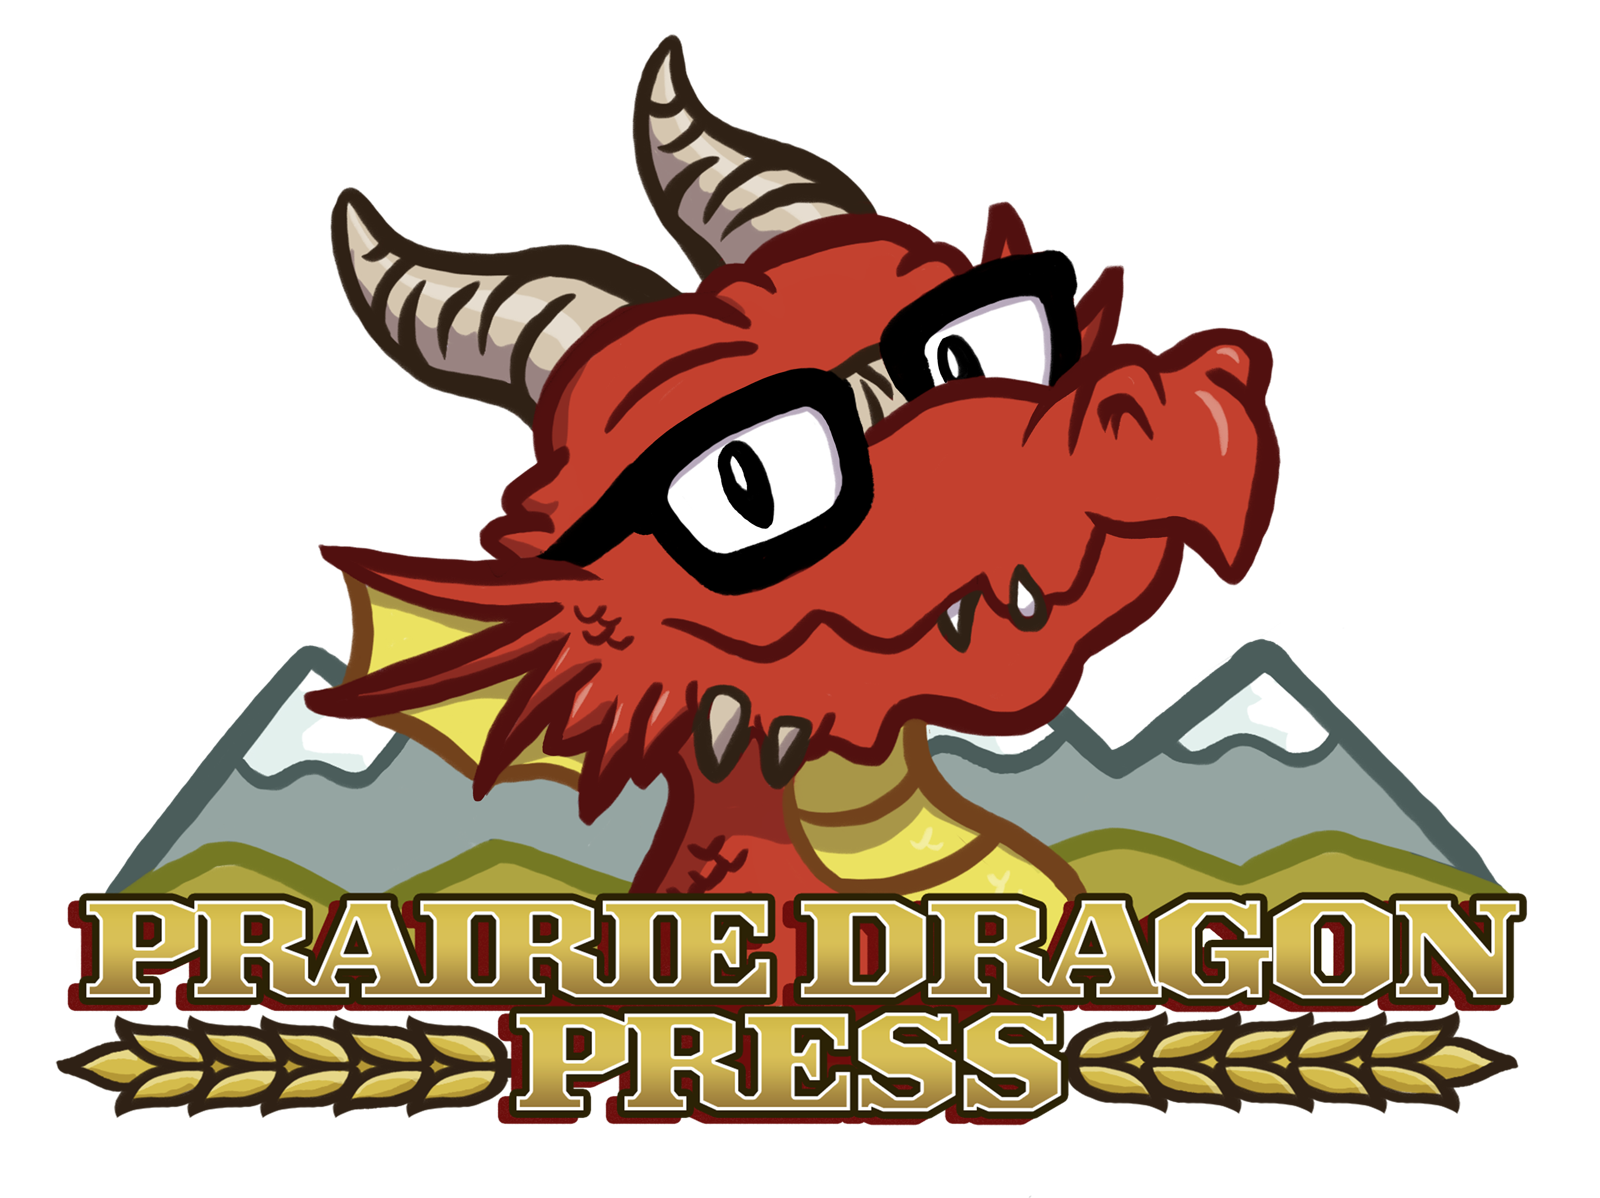 Prairie Dragon Press logo